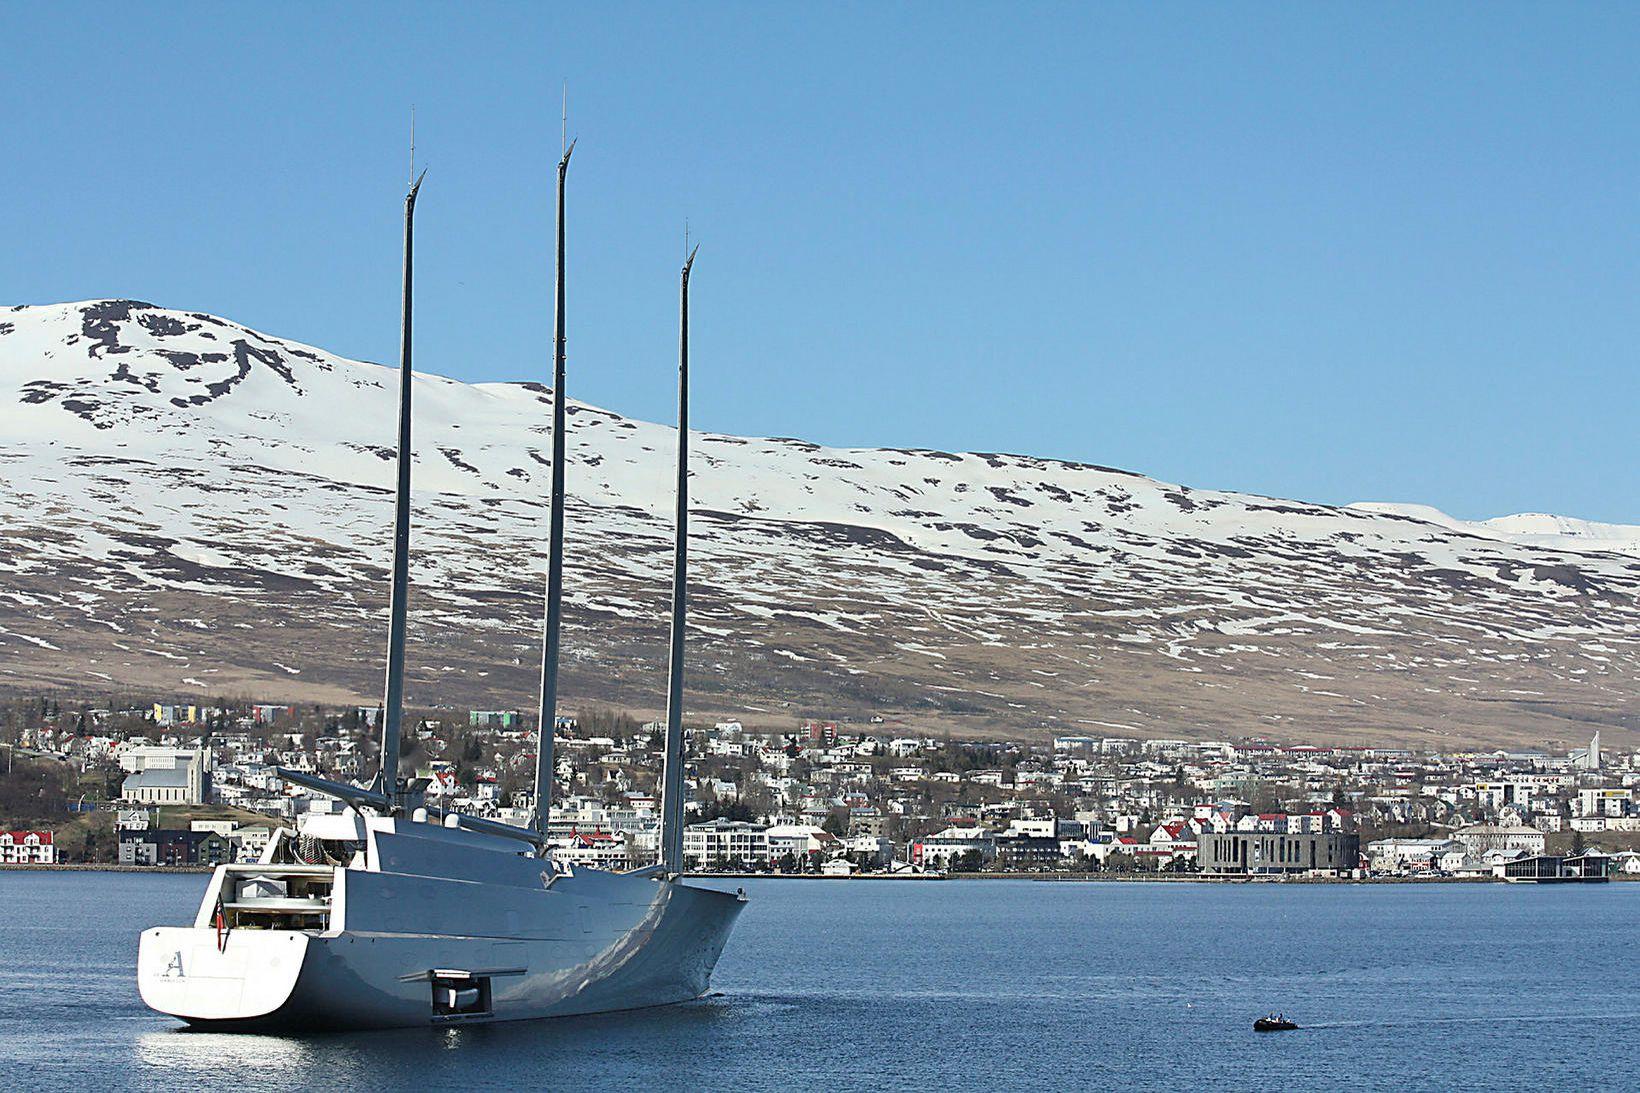 Blíðviðri. Áhöfn seglsnekkjunnar Avar einkar heppin með veður.